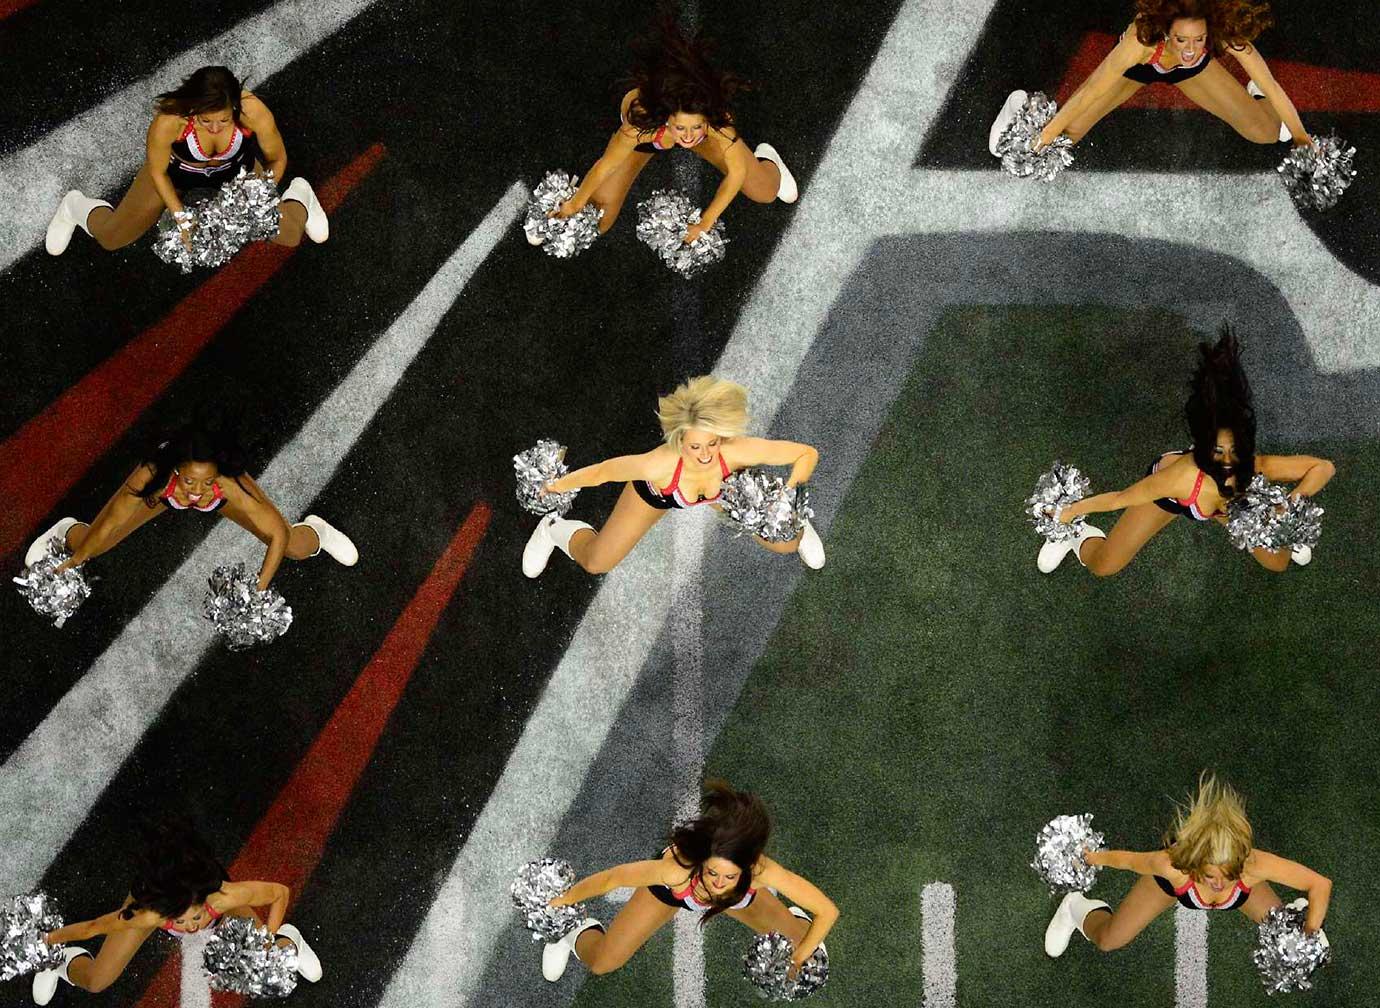 Atlanta Falcons cheerleaders during a 2013 NFC Conference playoff game between San Francisco and Atlanta.